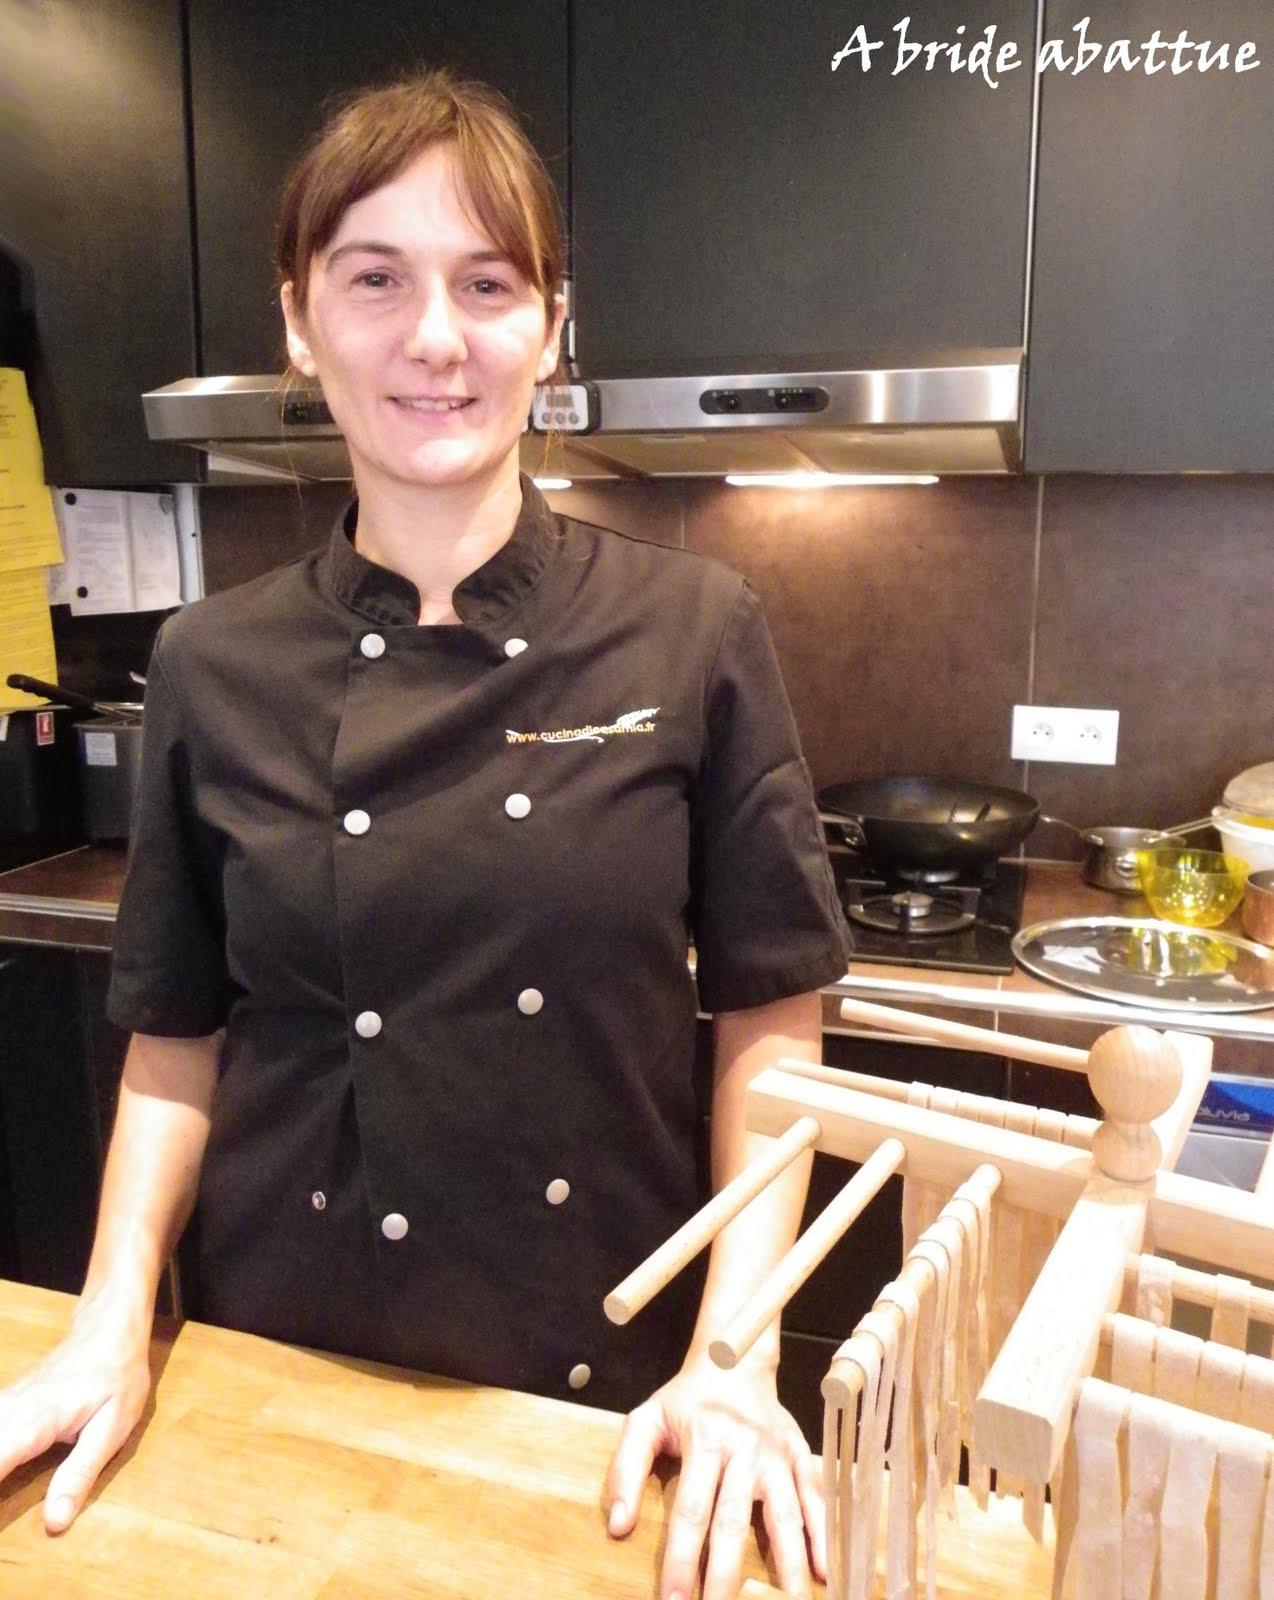 mia enseigne la cuisine italienne et nous sommes venus pour apprendre les bases de la fabrication des ptes fraiches - Cours De Cuisine Italienne Paris